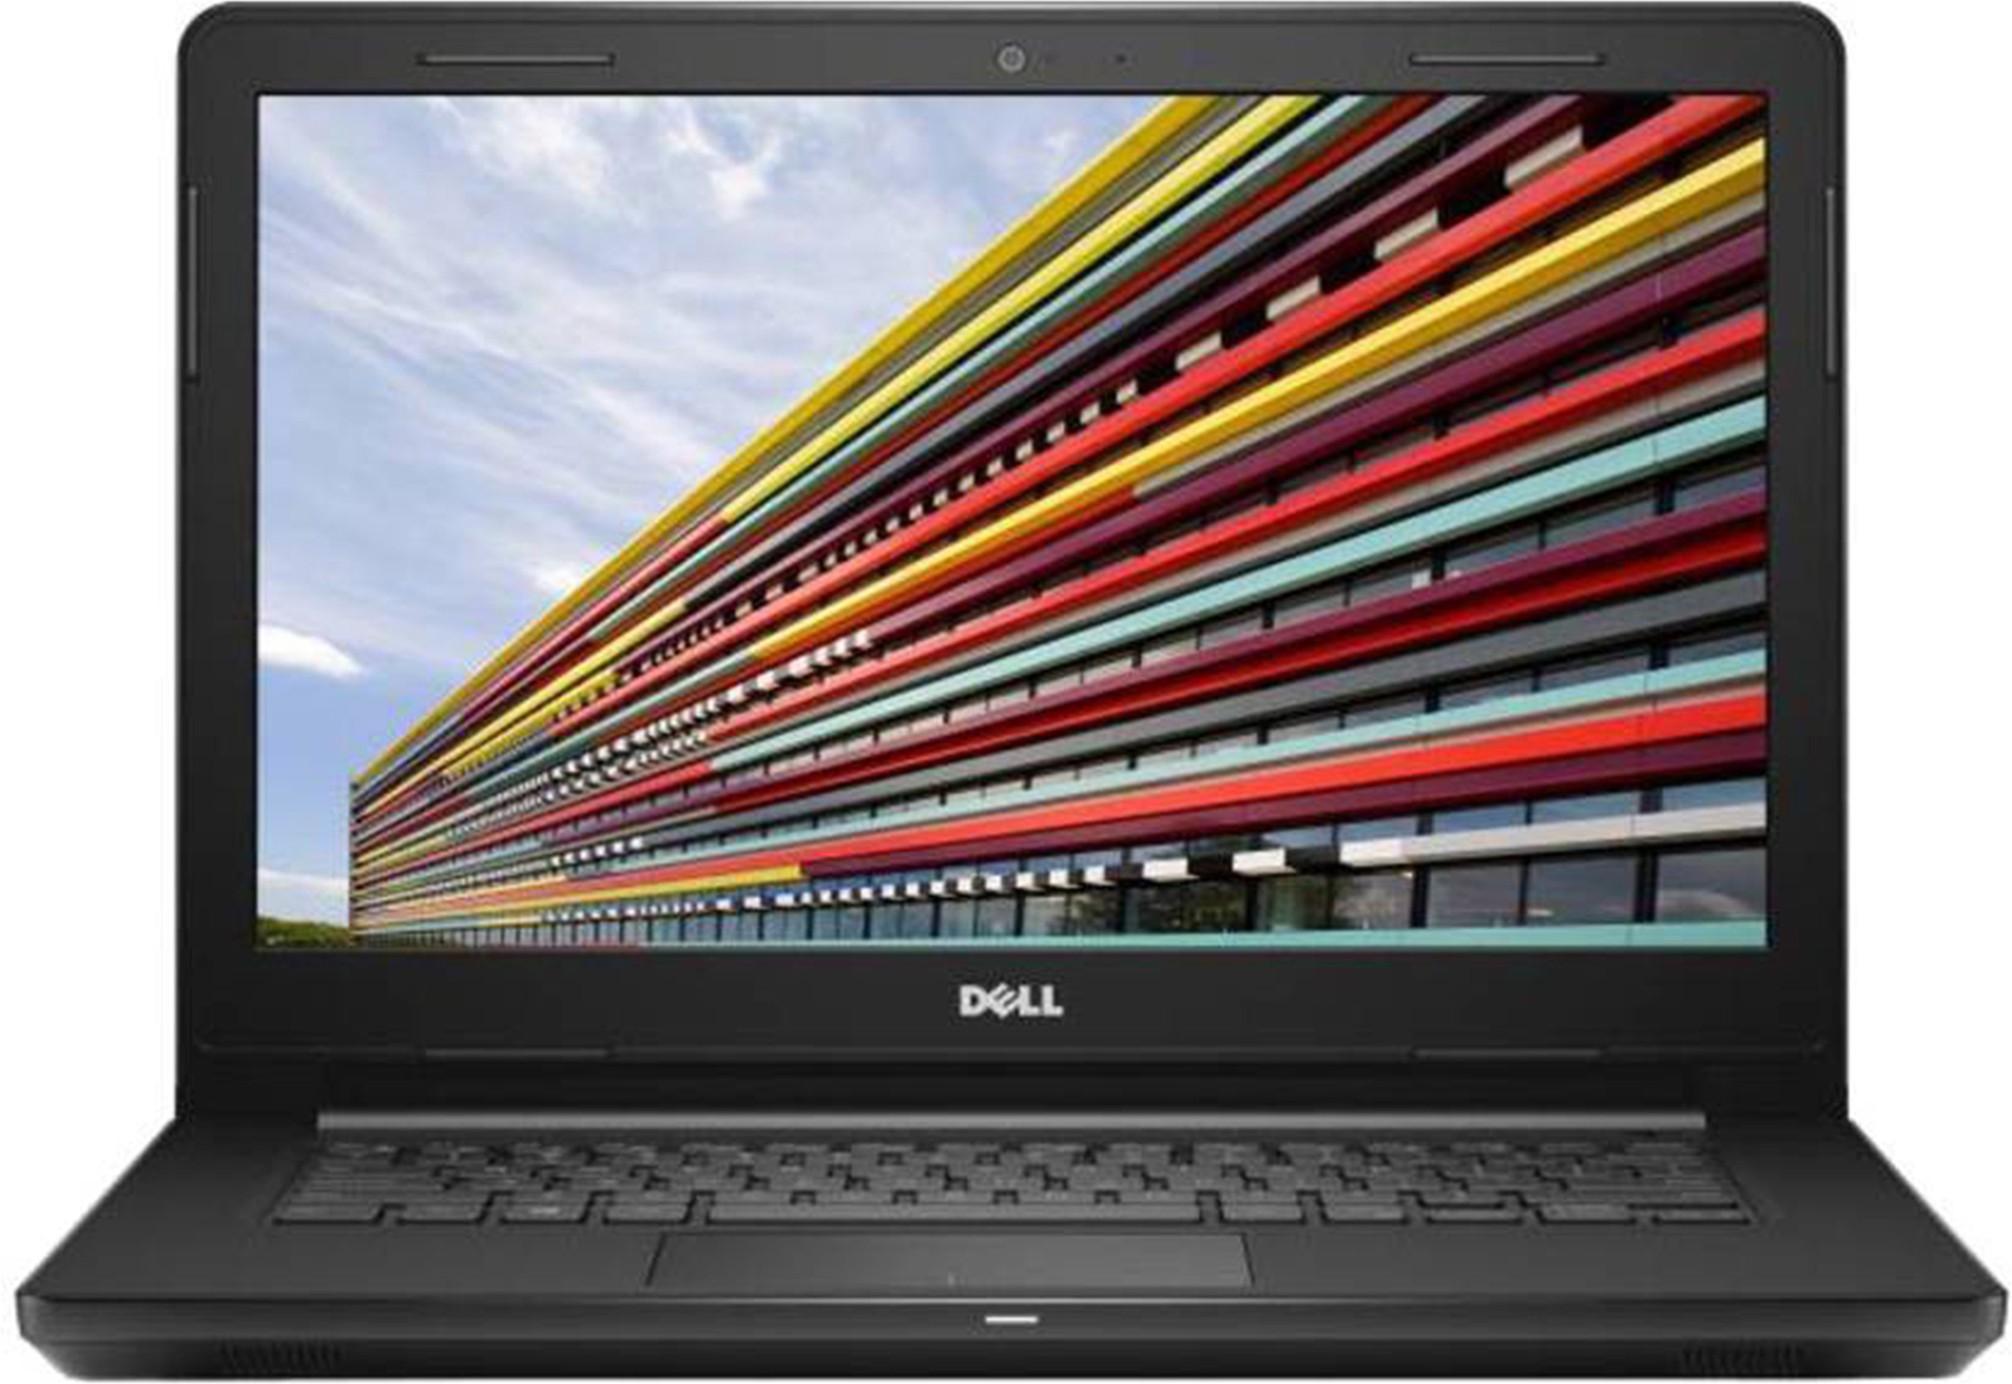 Dell Drivers Problem - DELL INSPIRON 14 3000 SERIES CORE I3 7TH GEN